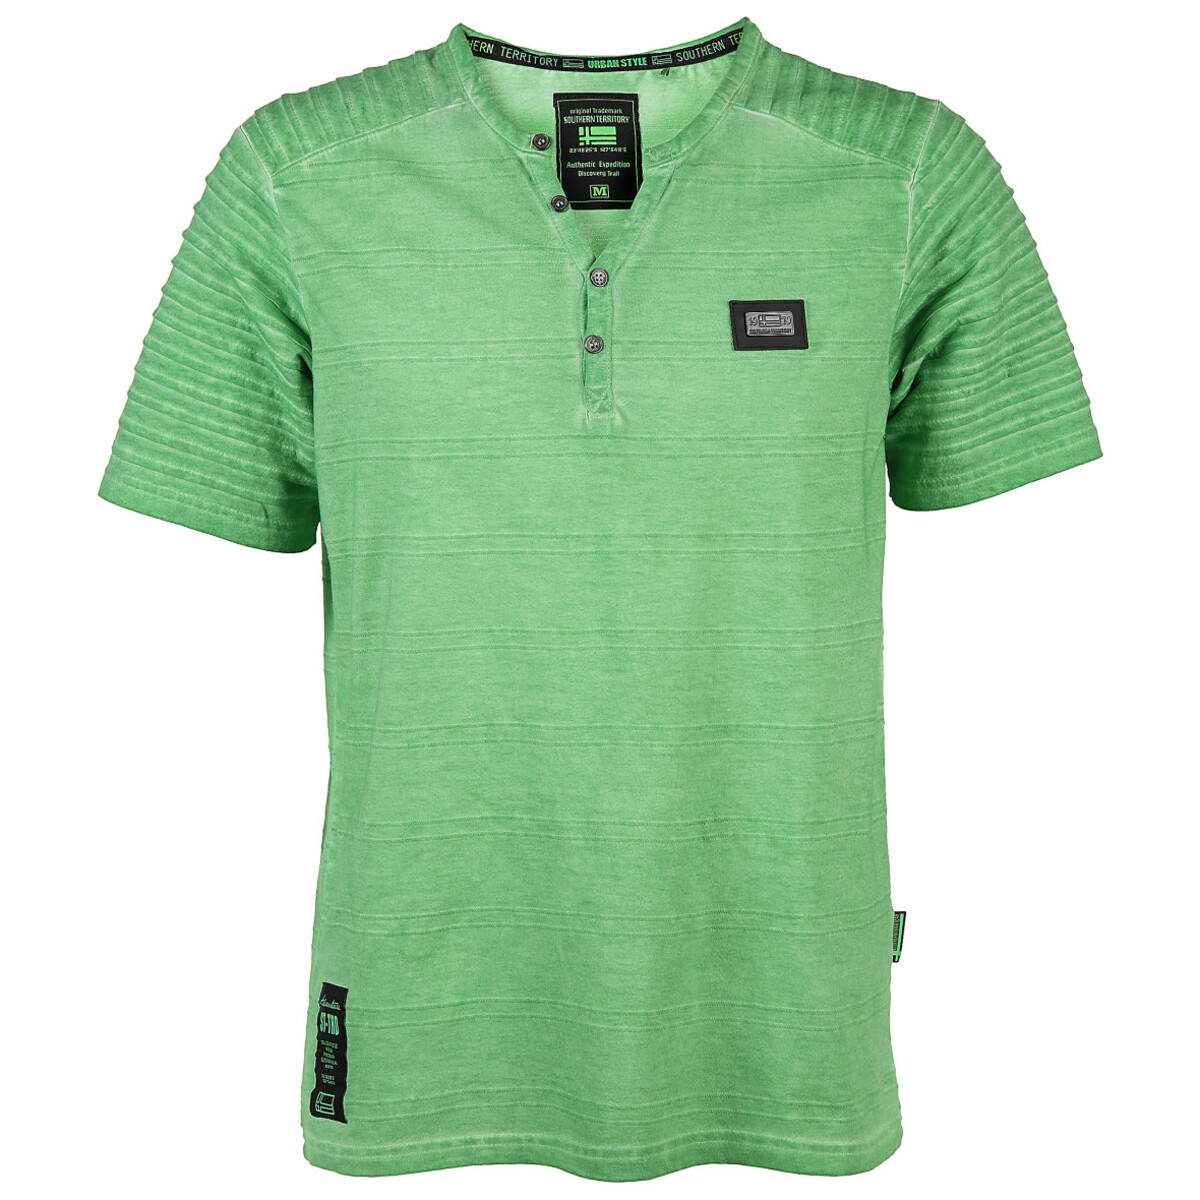 Bild 1 von Herren T-Shirt mit Knopfleiste